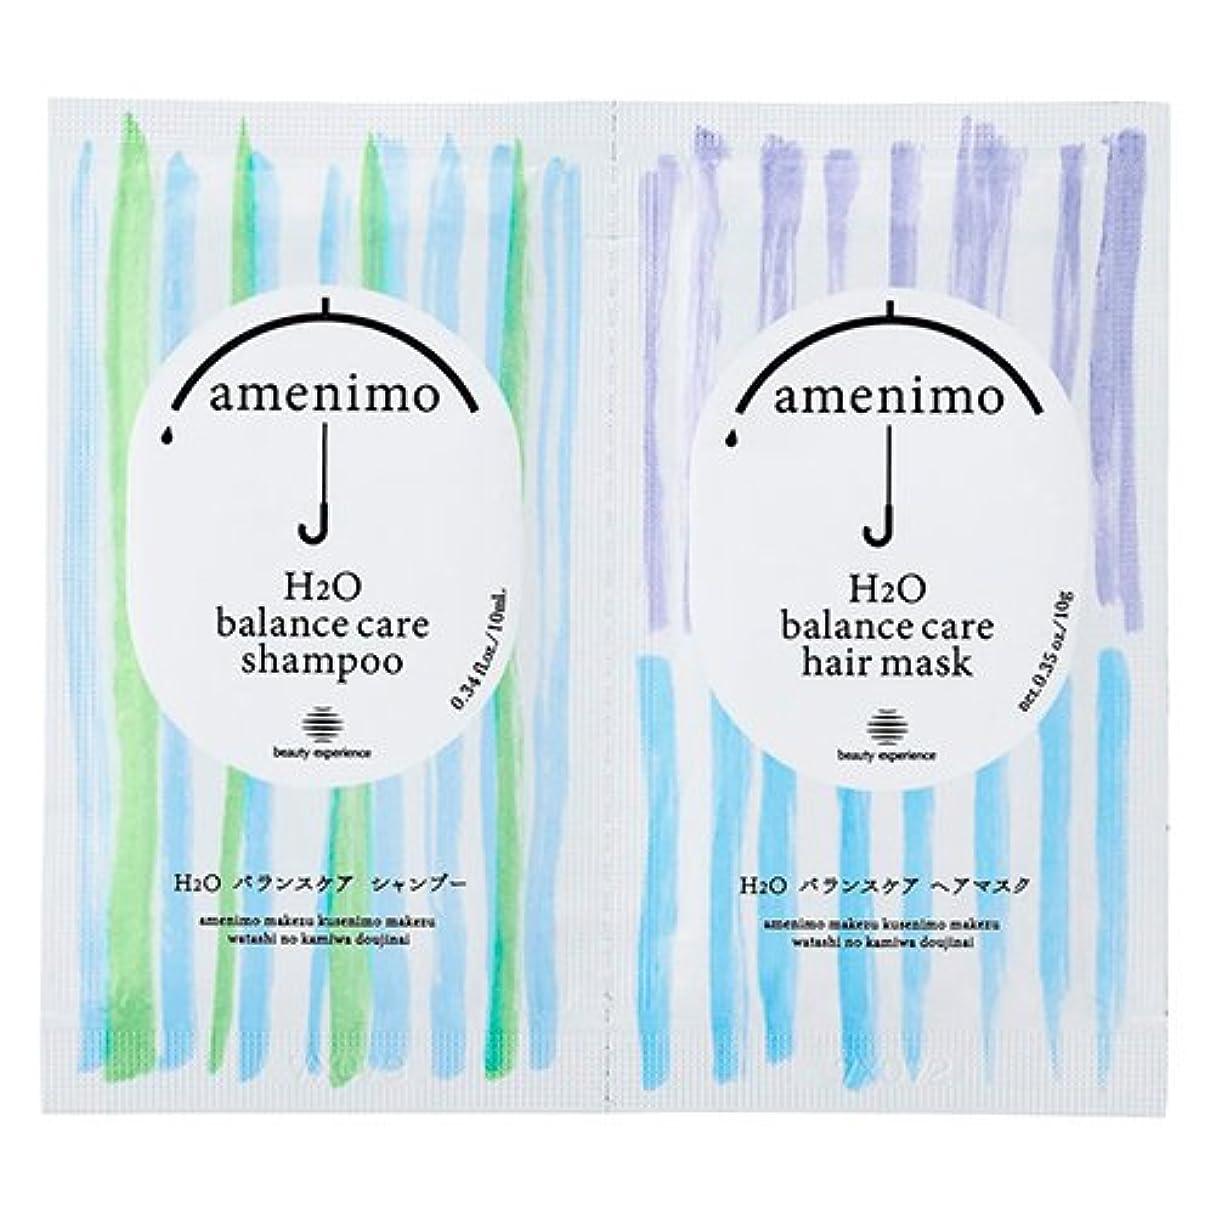 ビュッフェシュリンク初心者amenimo(アメニモ) H2O バランスケア シャンプー&ヘアマスク 1dayお試し 10mL+10g